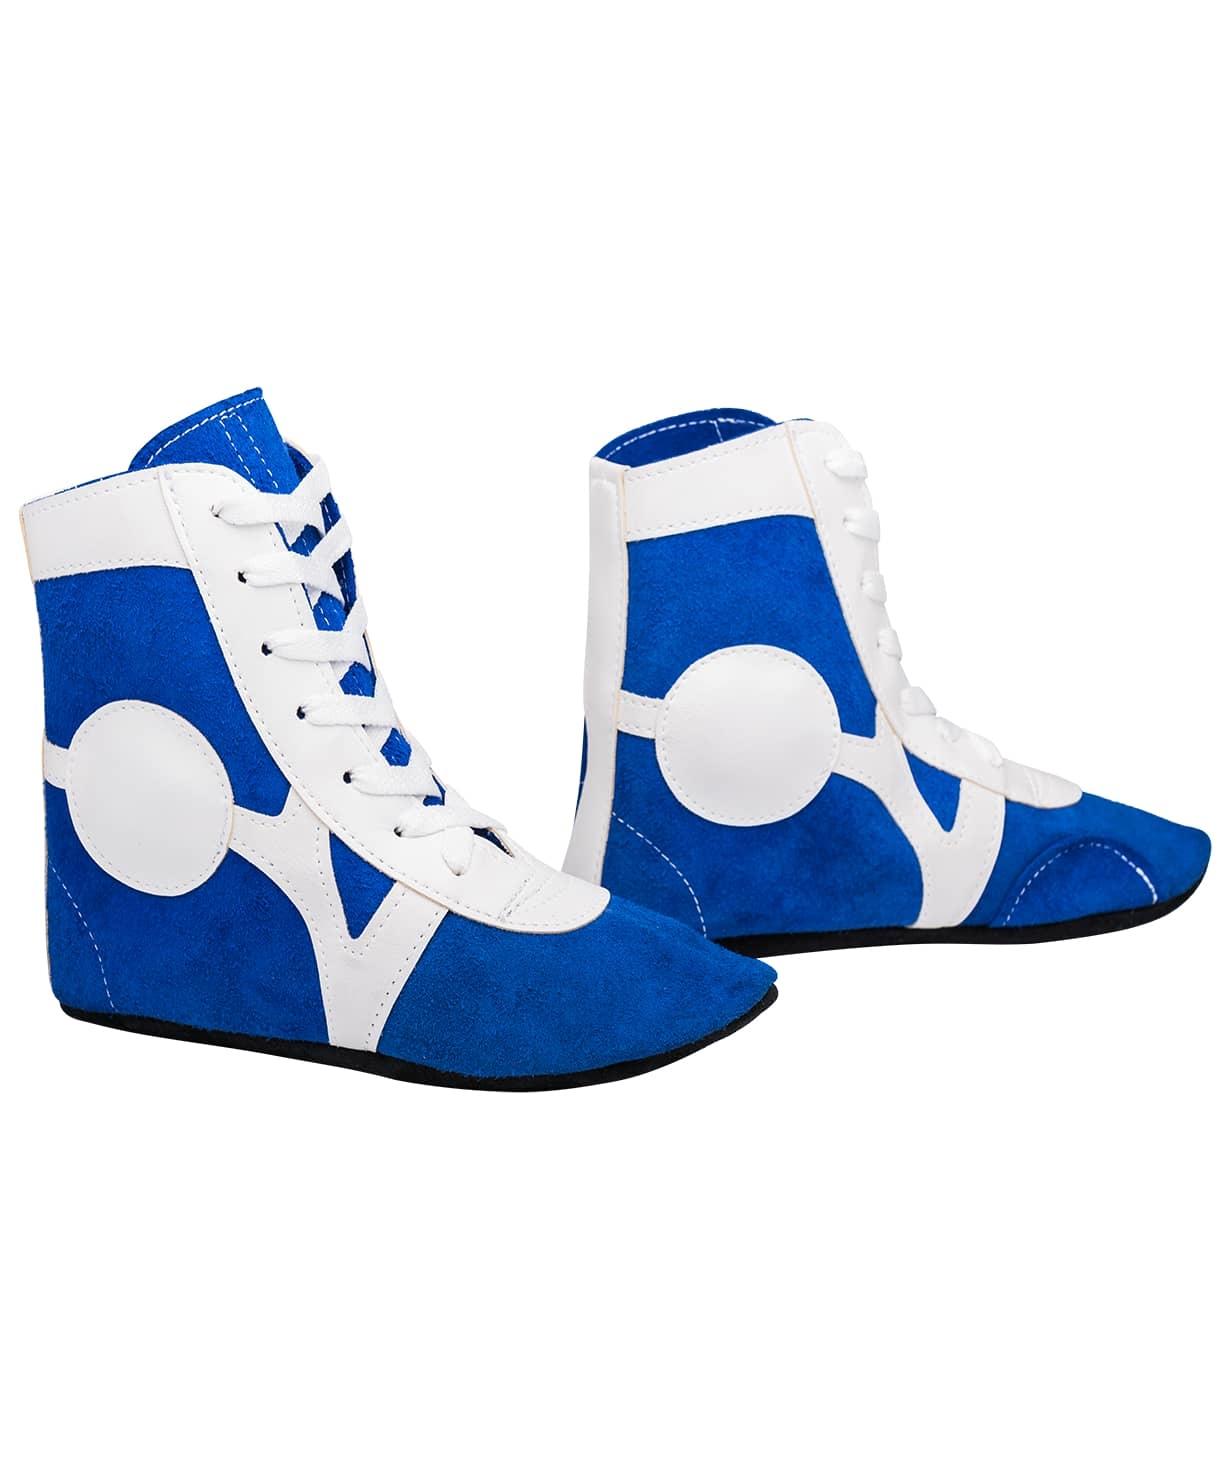 Обувь для самбо RS001/2, замша, синий